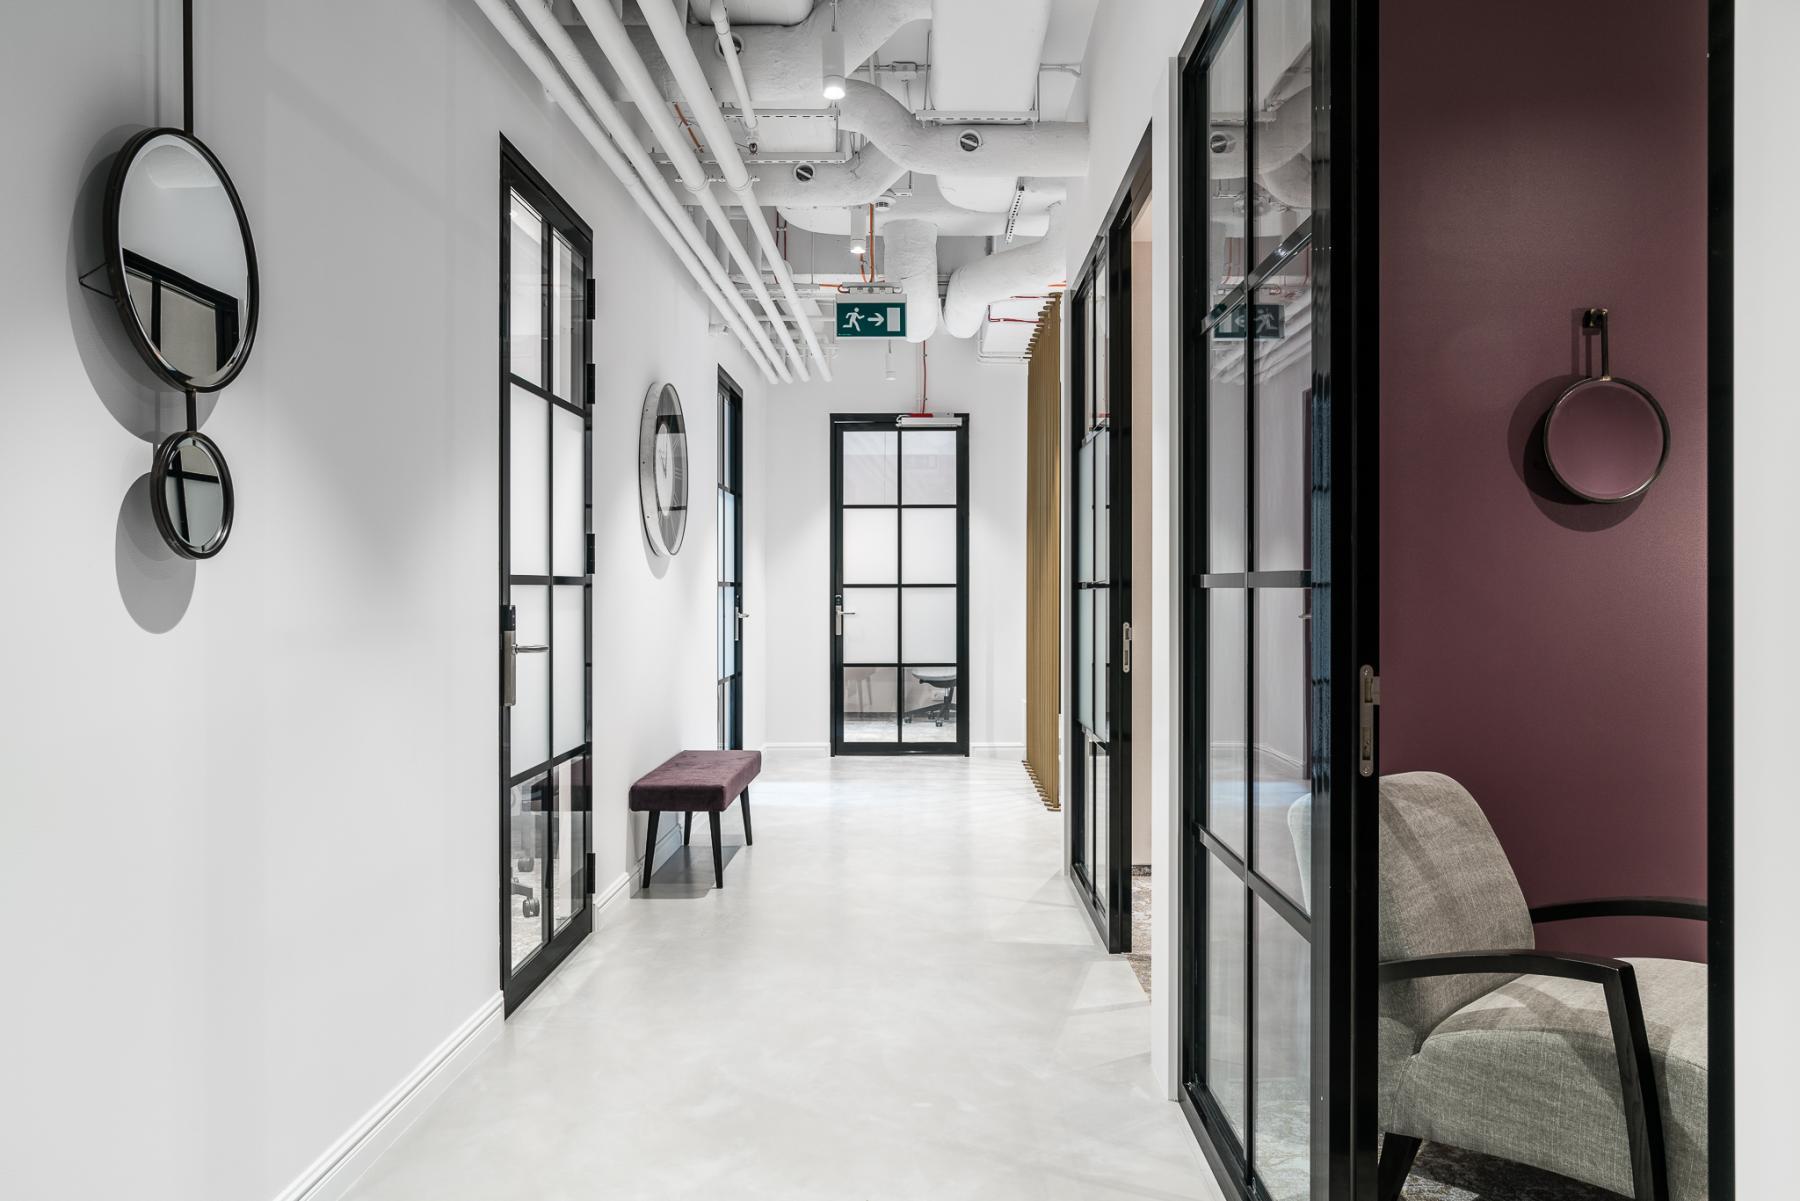 korytarz z wejściami do biurplac malachowskiego